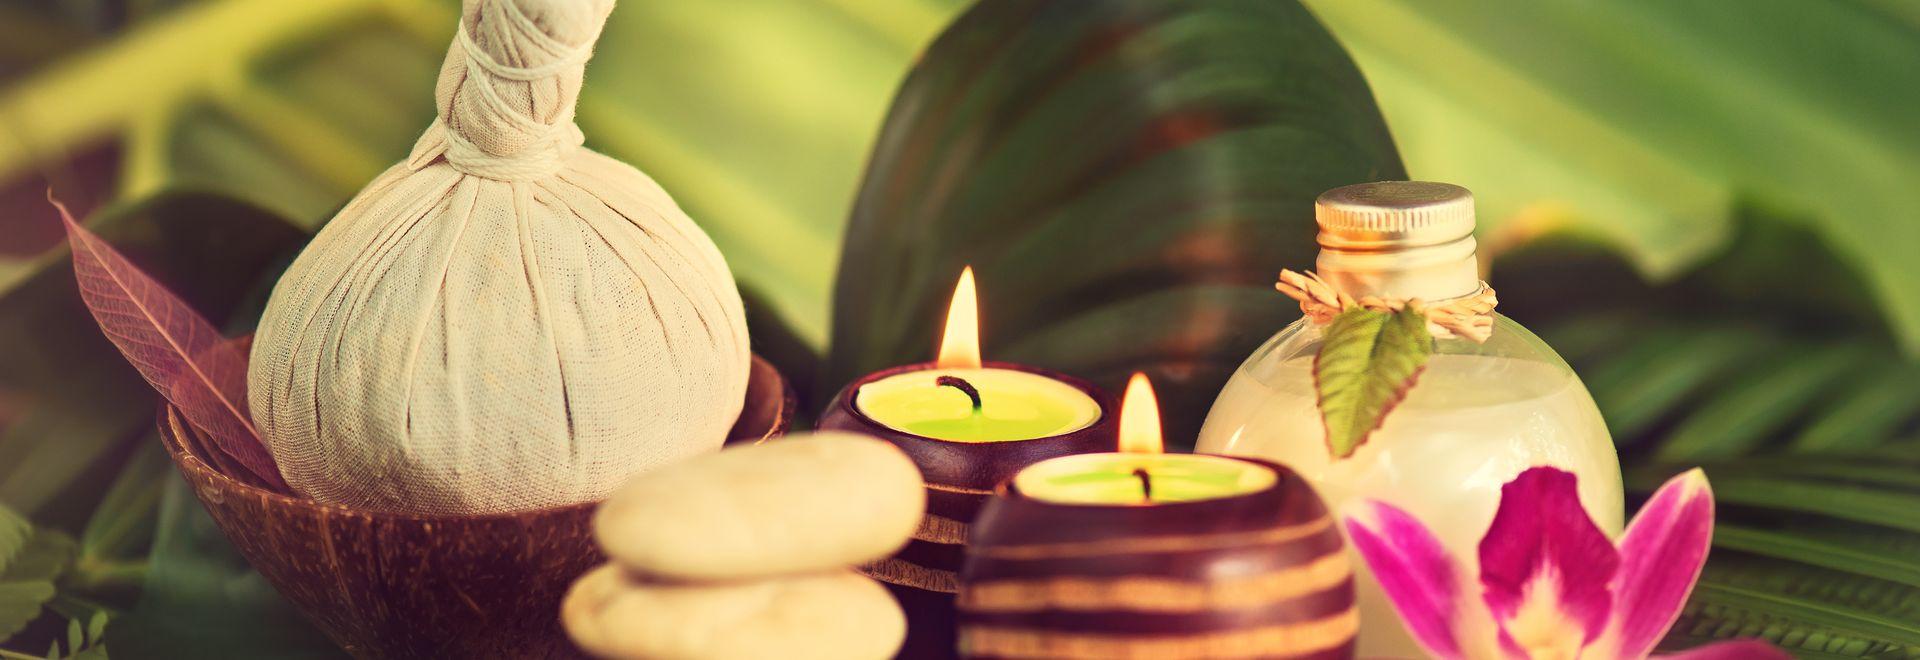 ganzheitliche Ayurveda-Massage erlernen